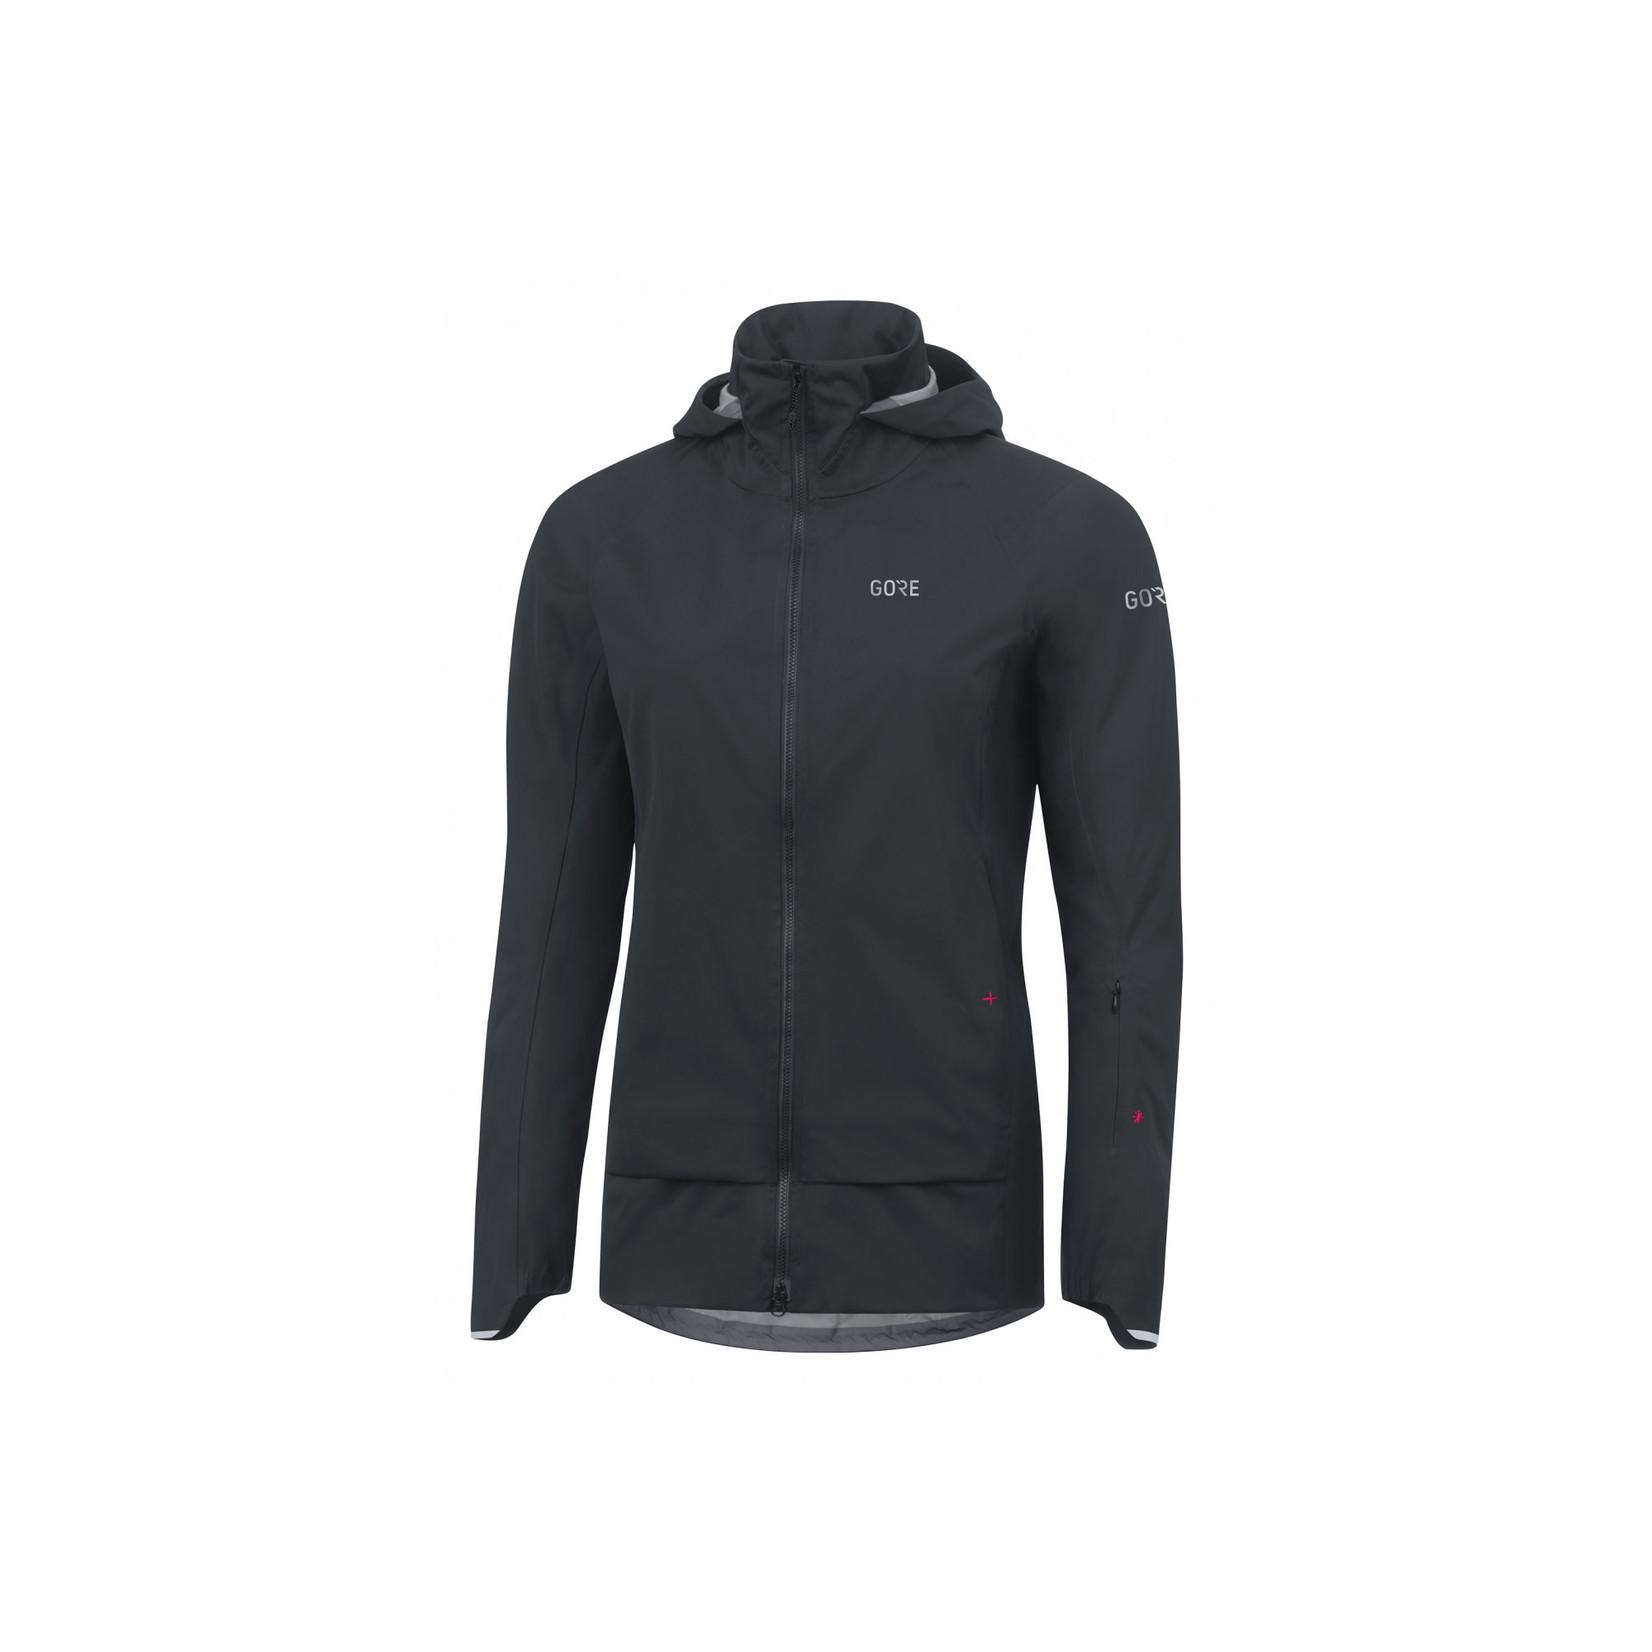 Gore Wear Gore Wear Women's C5 GTX Active Trail Hooded Jacket